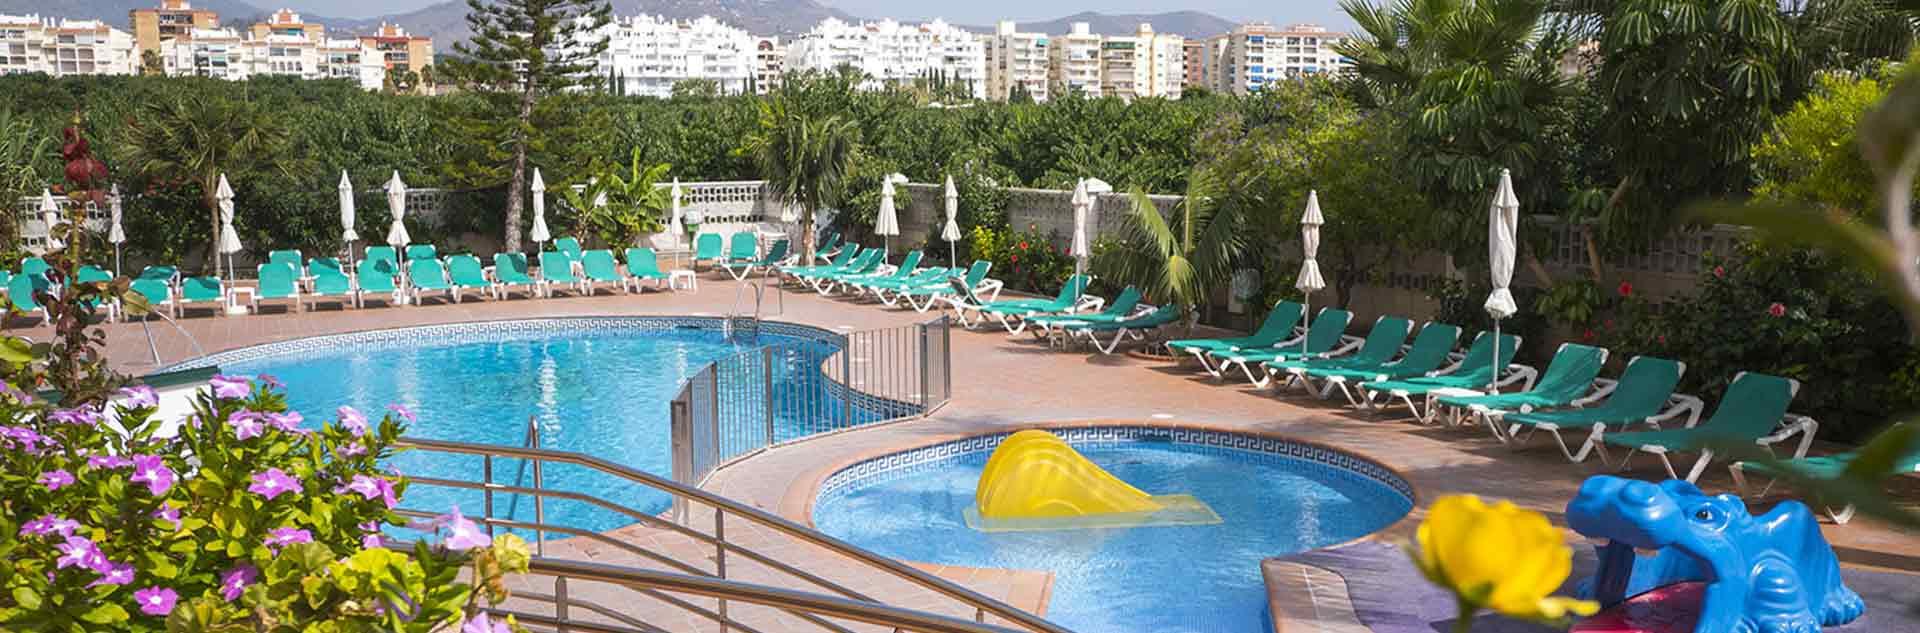 Exteriores, piscinas del hotel de Almuñecar Victoria Playa